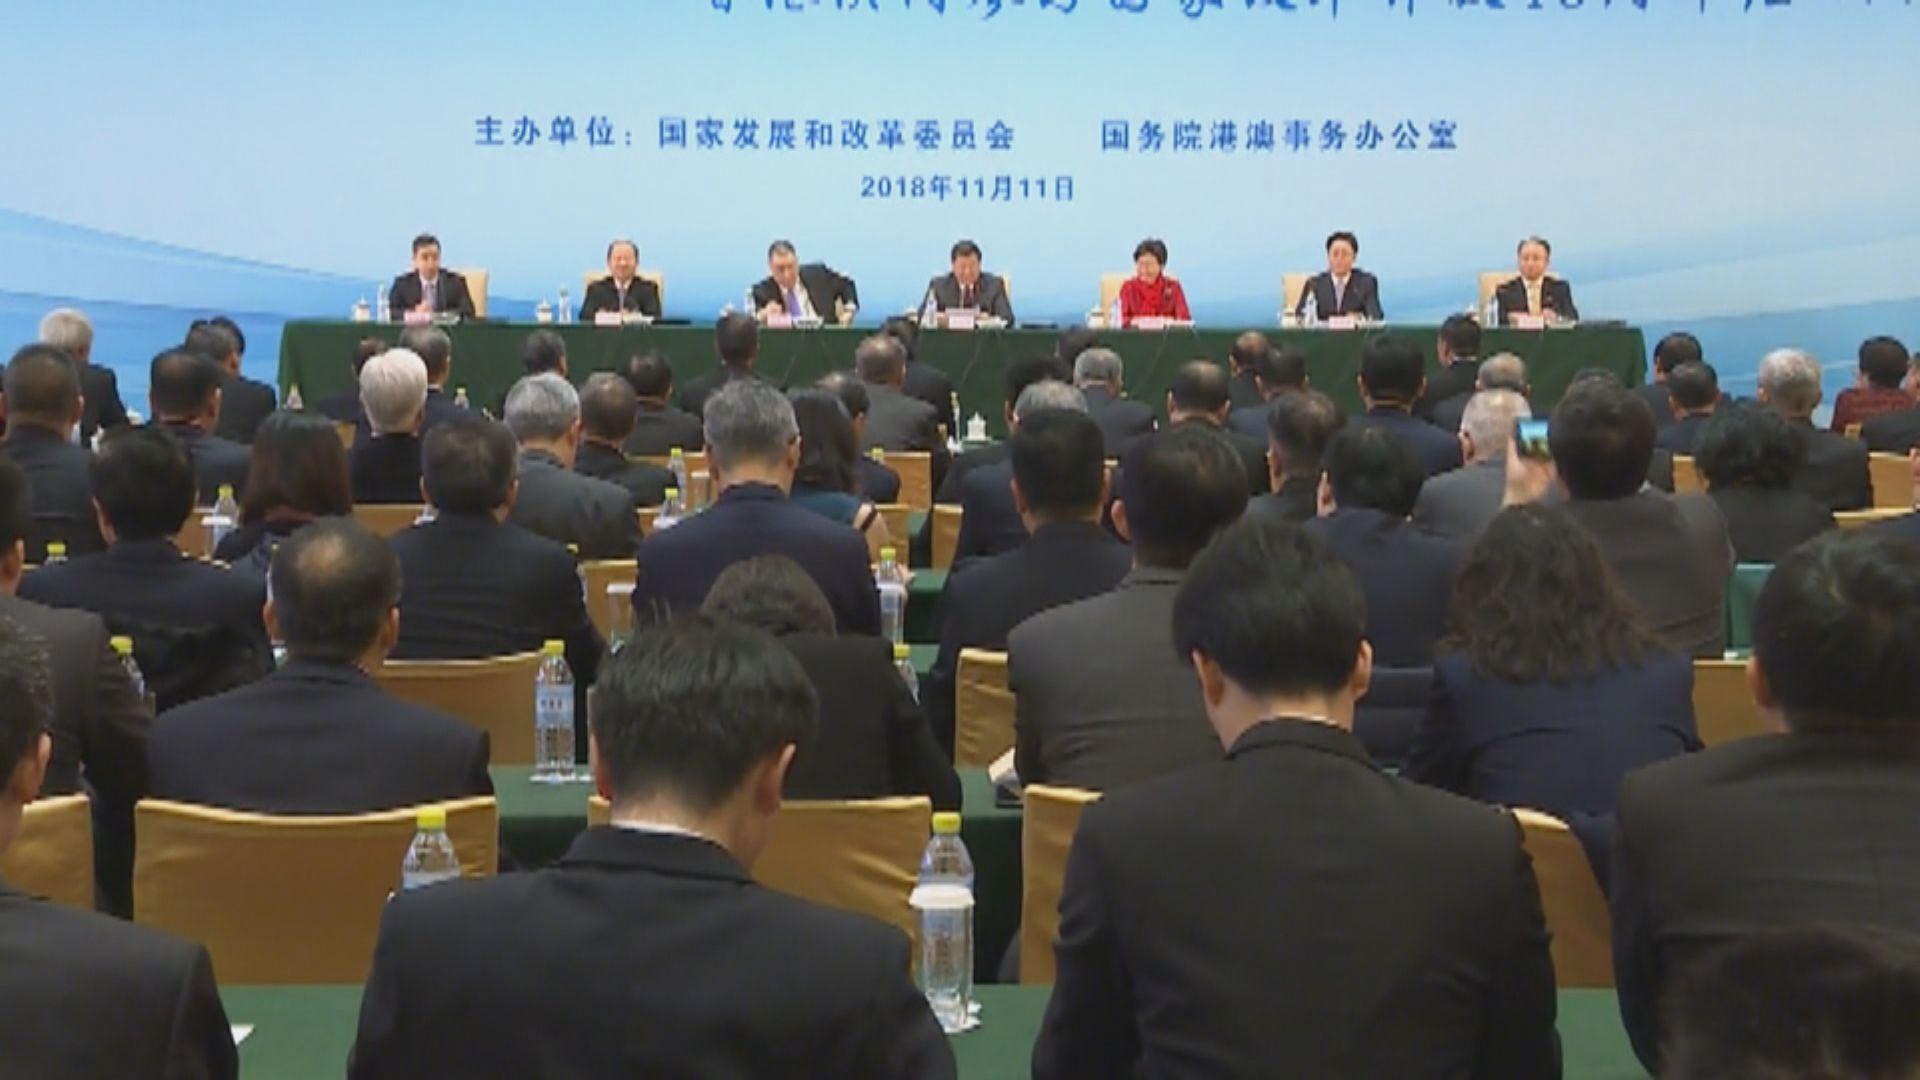 慶祝改革開放訪問團出席座談會